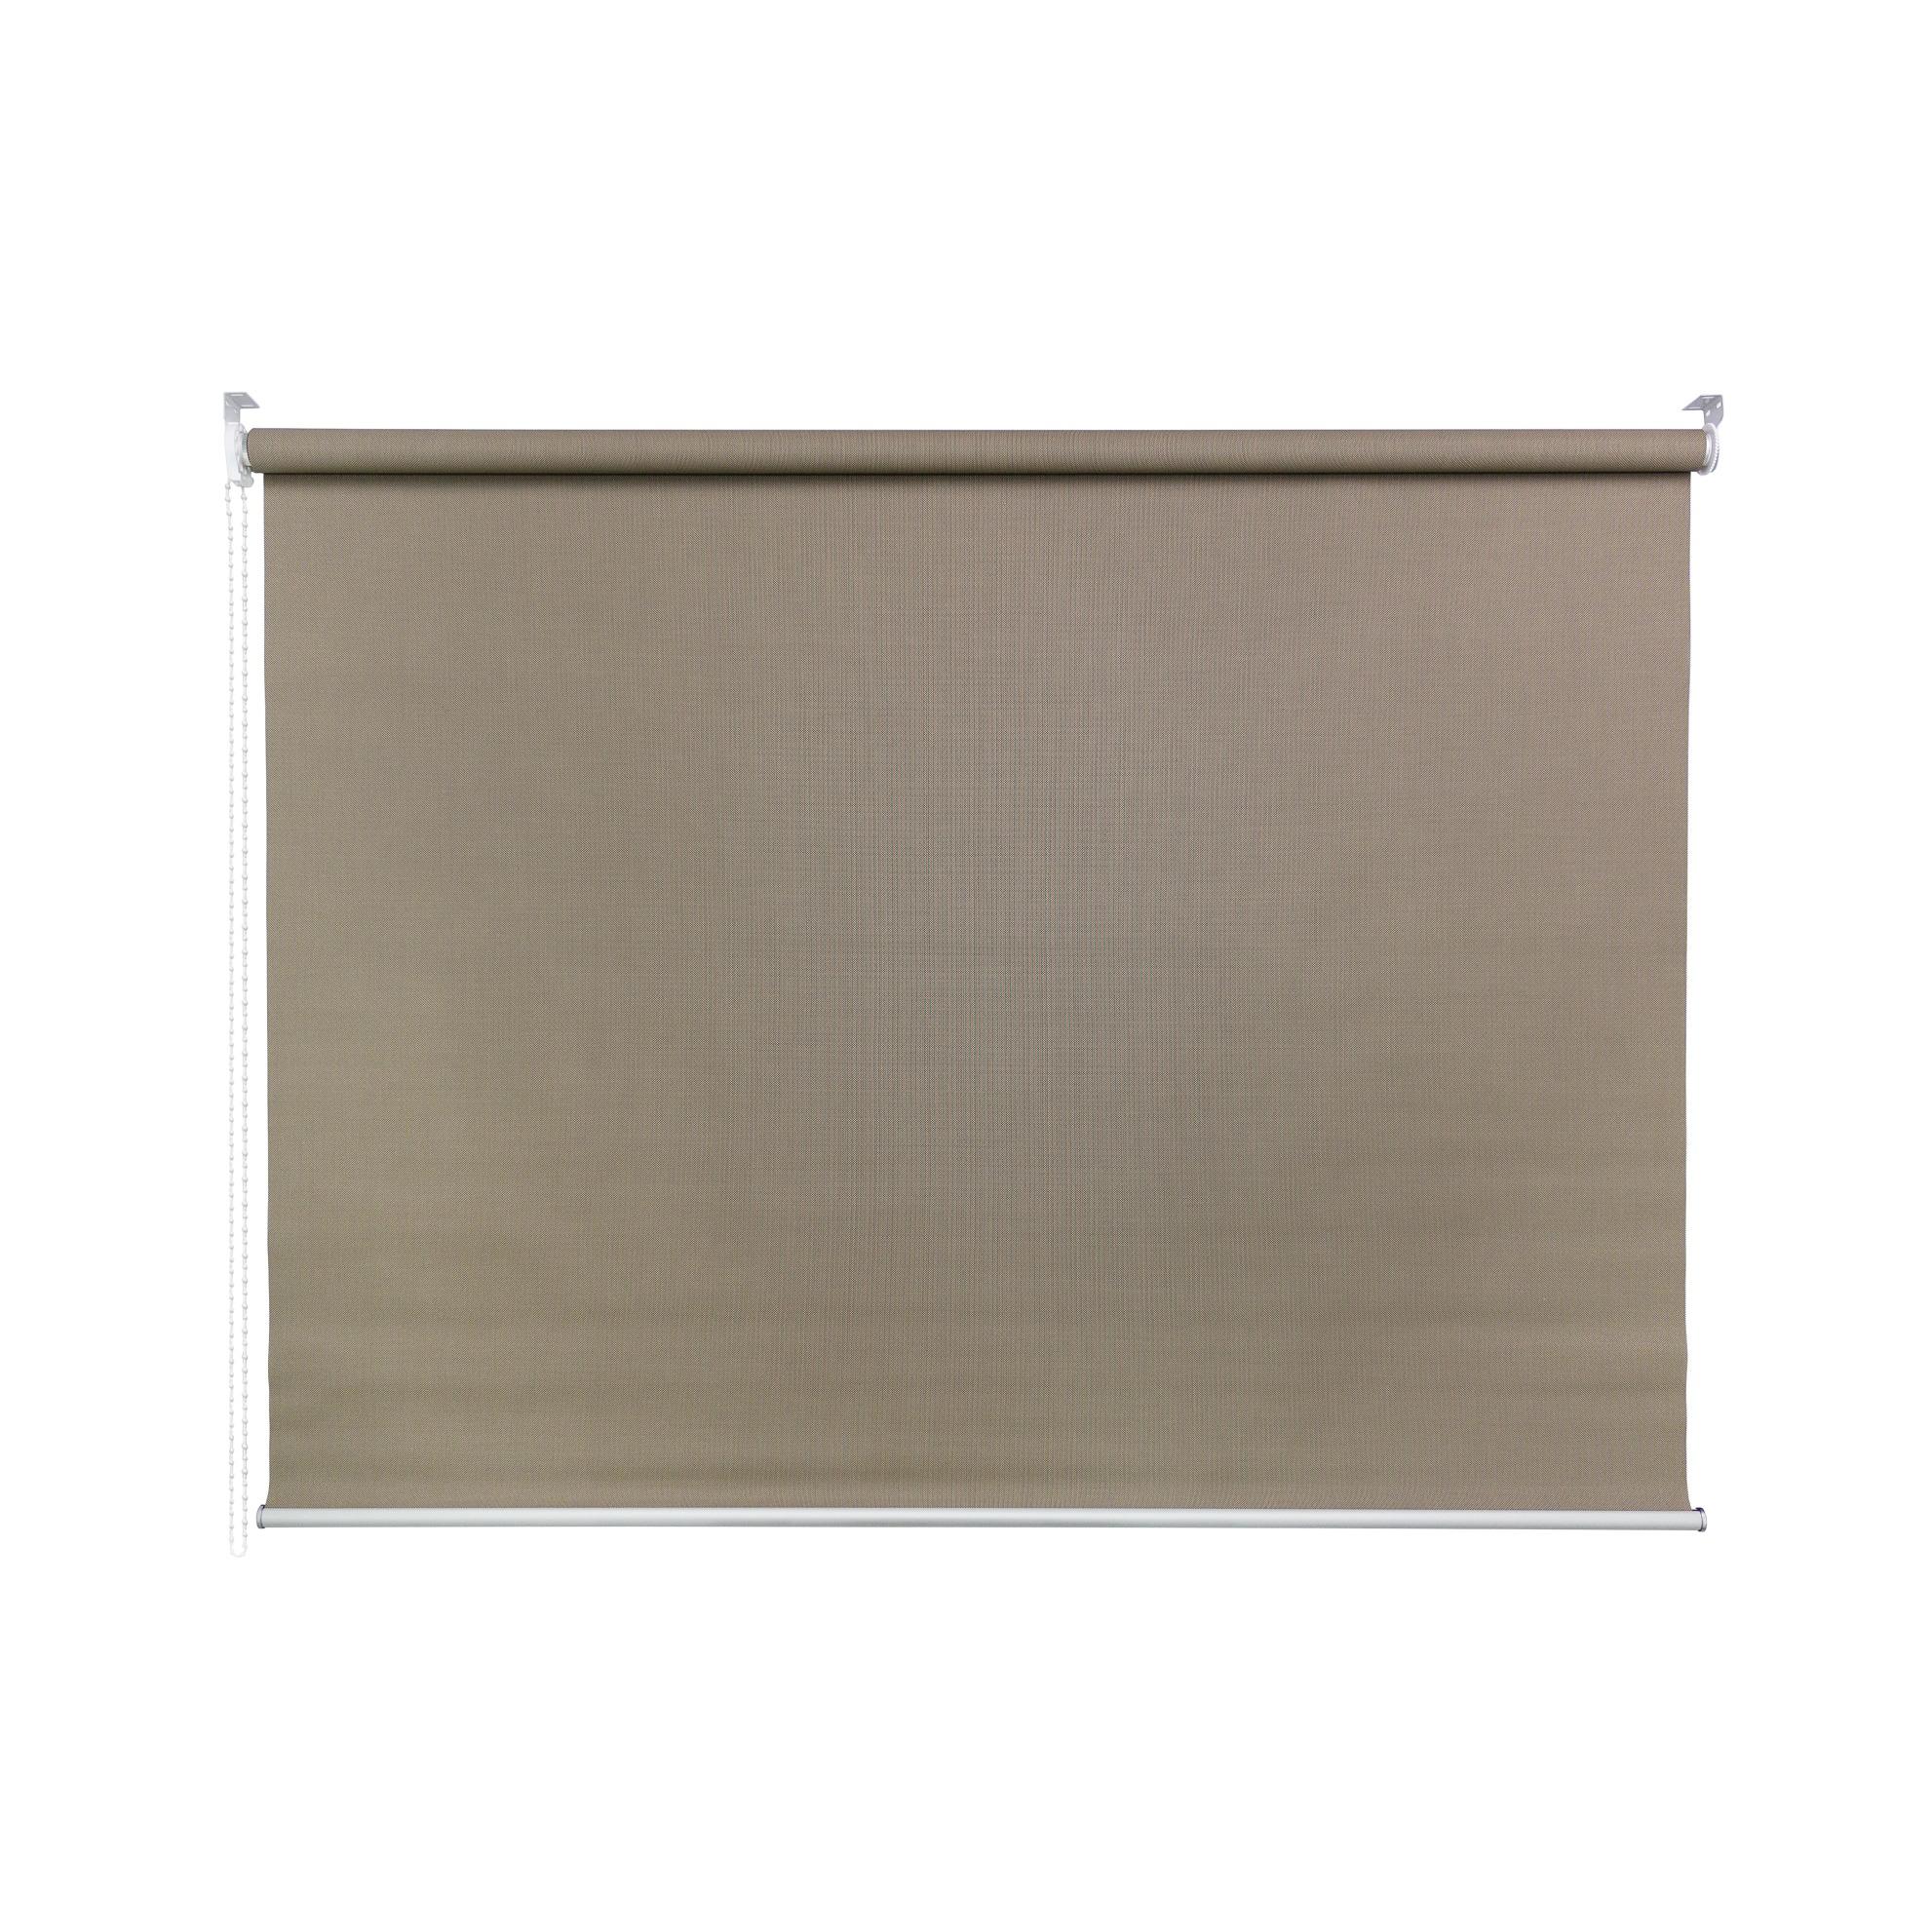 Persiana Rolo Poliester e PVC 160x170 cm Marrom 50A09 - Jolie